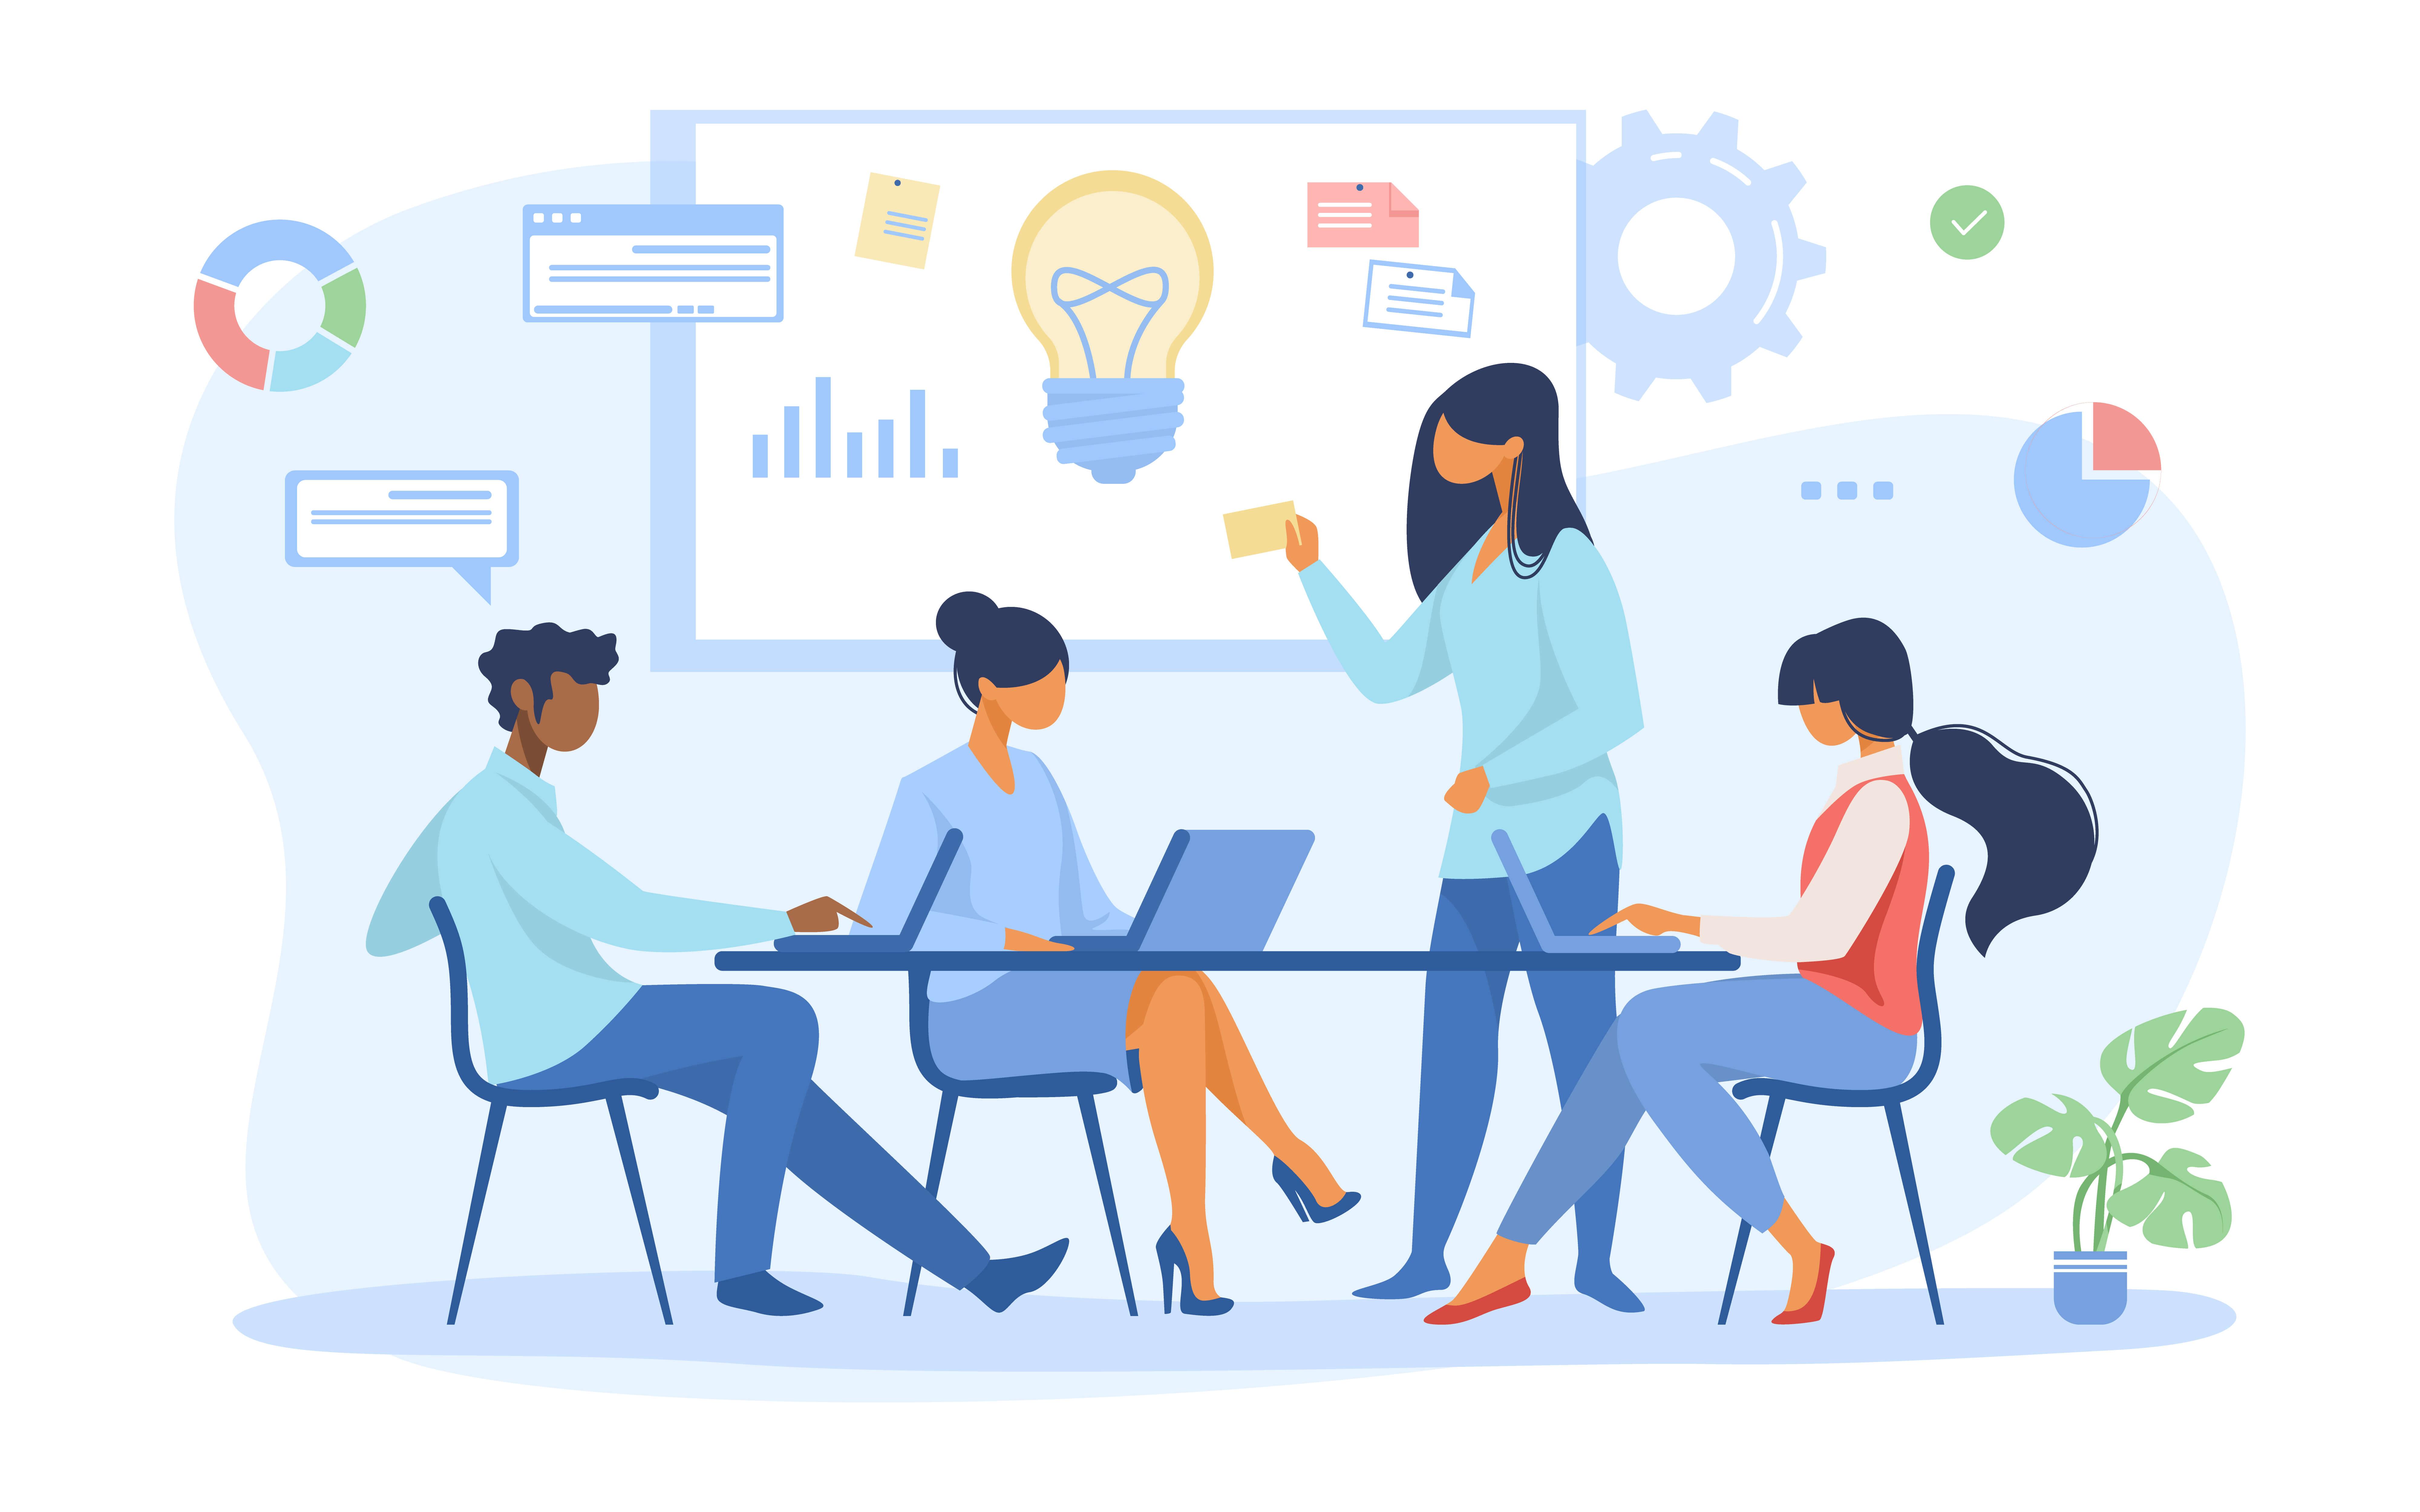 Metas SMART: aprenda o que são e como elas podem auxiliar no crescimento do seu negócio!